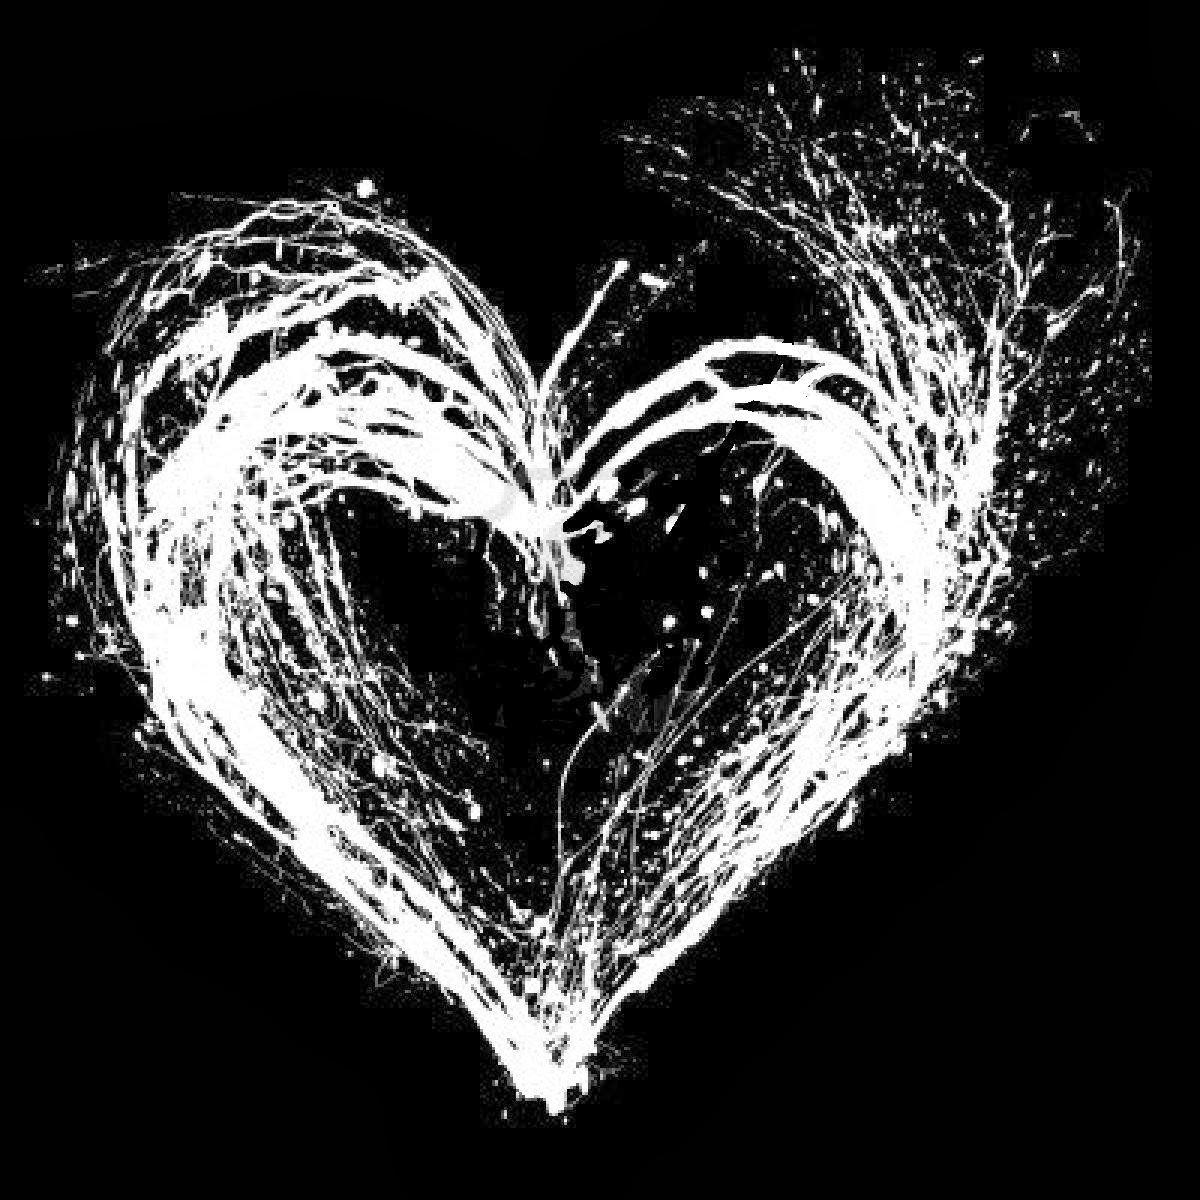 Wierszezelpin Miłosne Romantyczne Wiersze Dla Ukochanej I